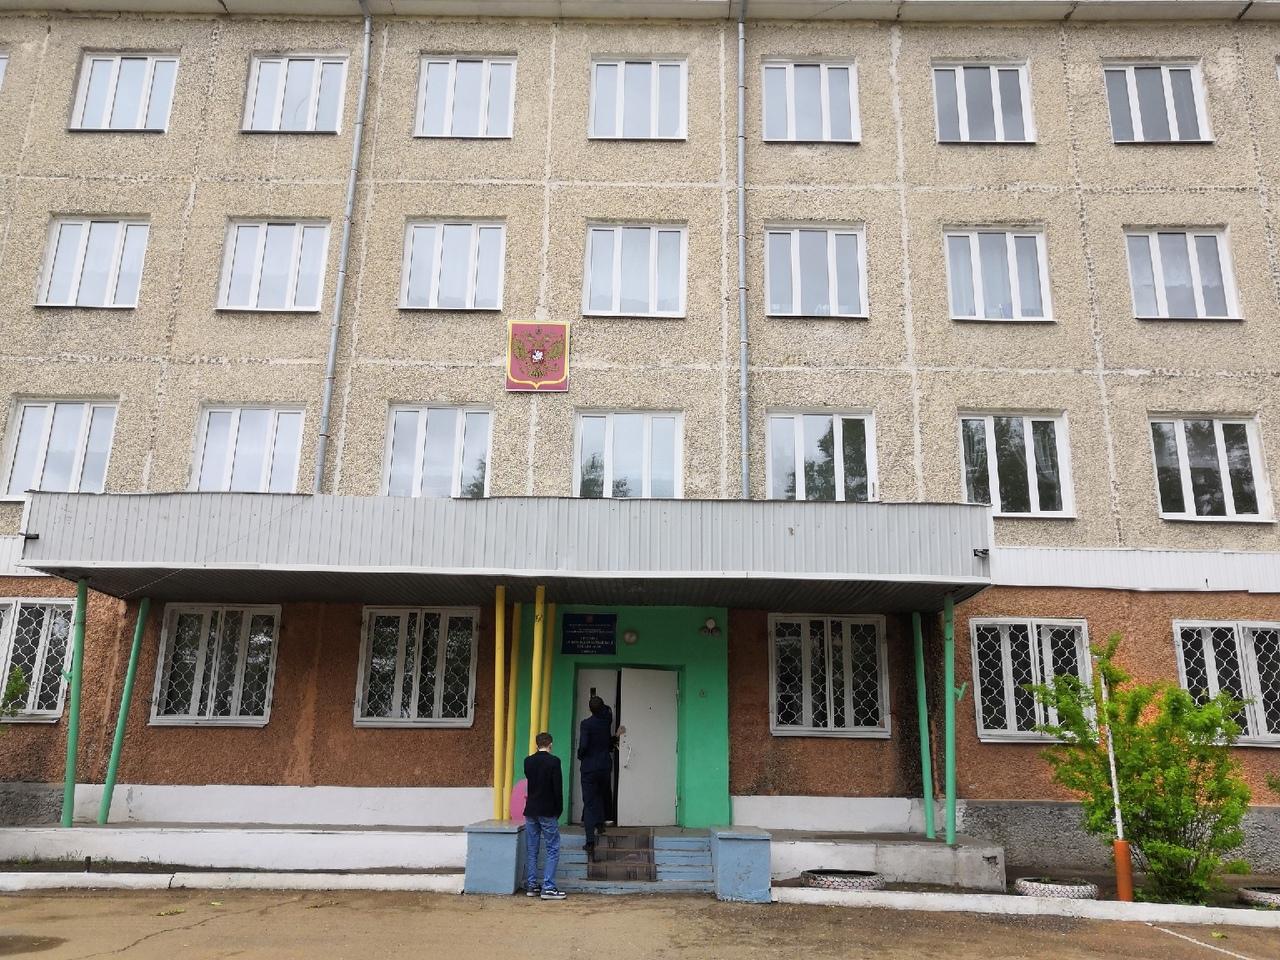 Учителя Борзинской школы пожаловались Осипову на ветхую мебель, старое оборудование и маленькие зарплаты